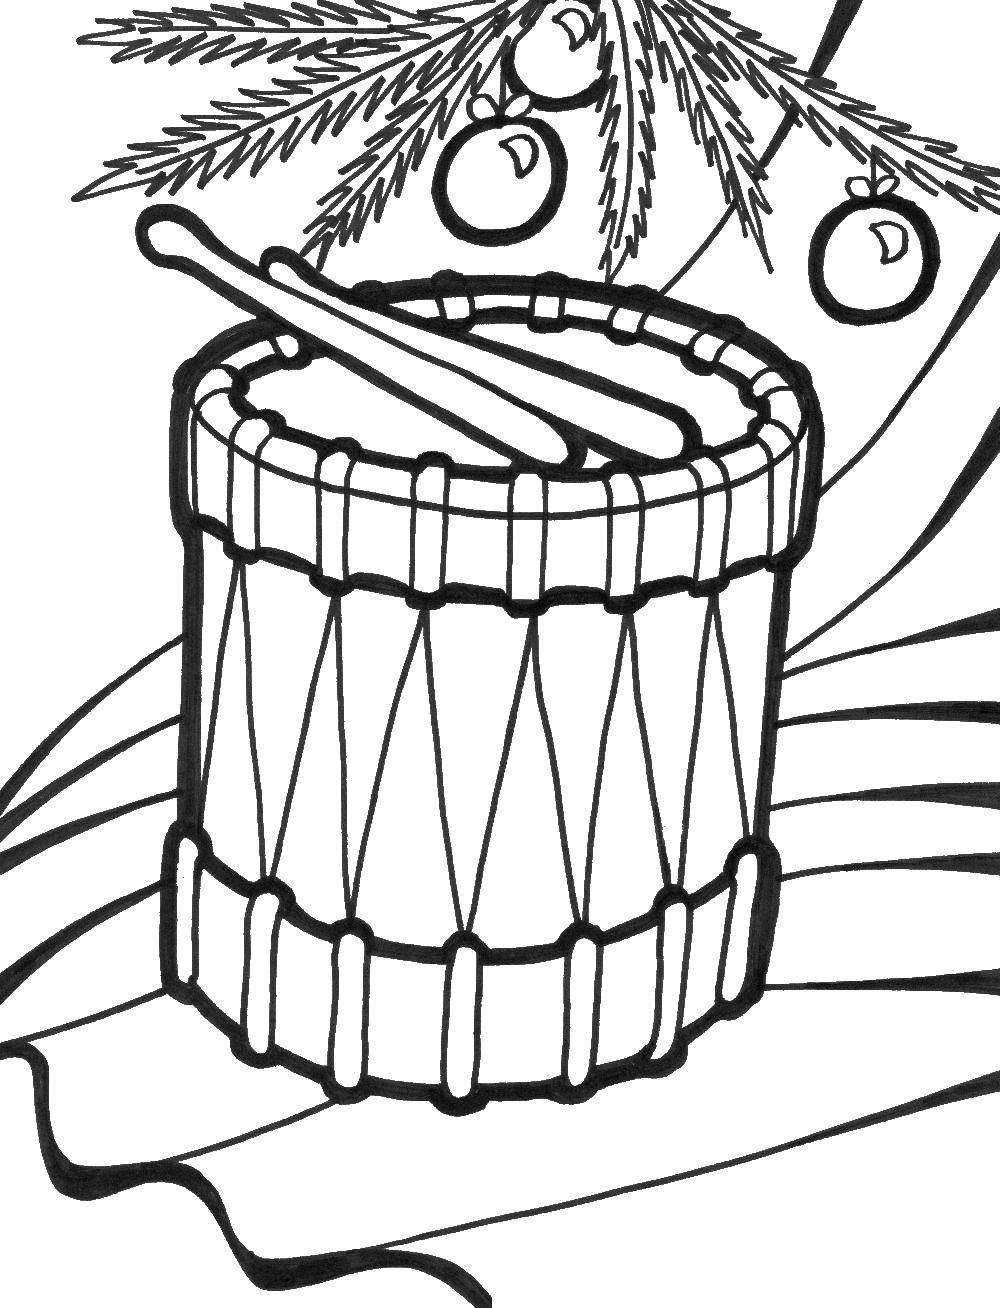 Раскраска Барабан Скачать Барабан.  Распечатать ,Барабан,